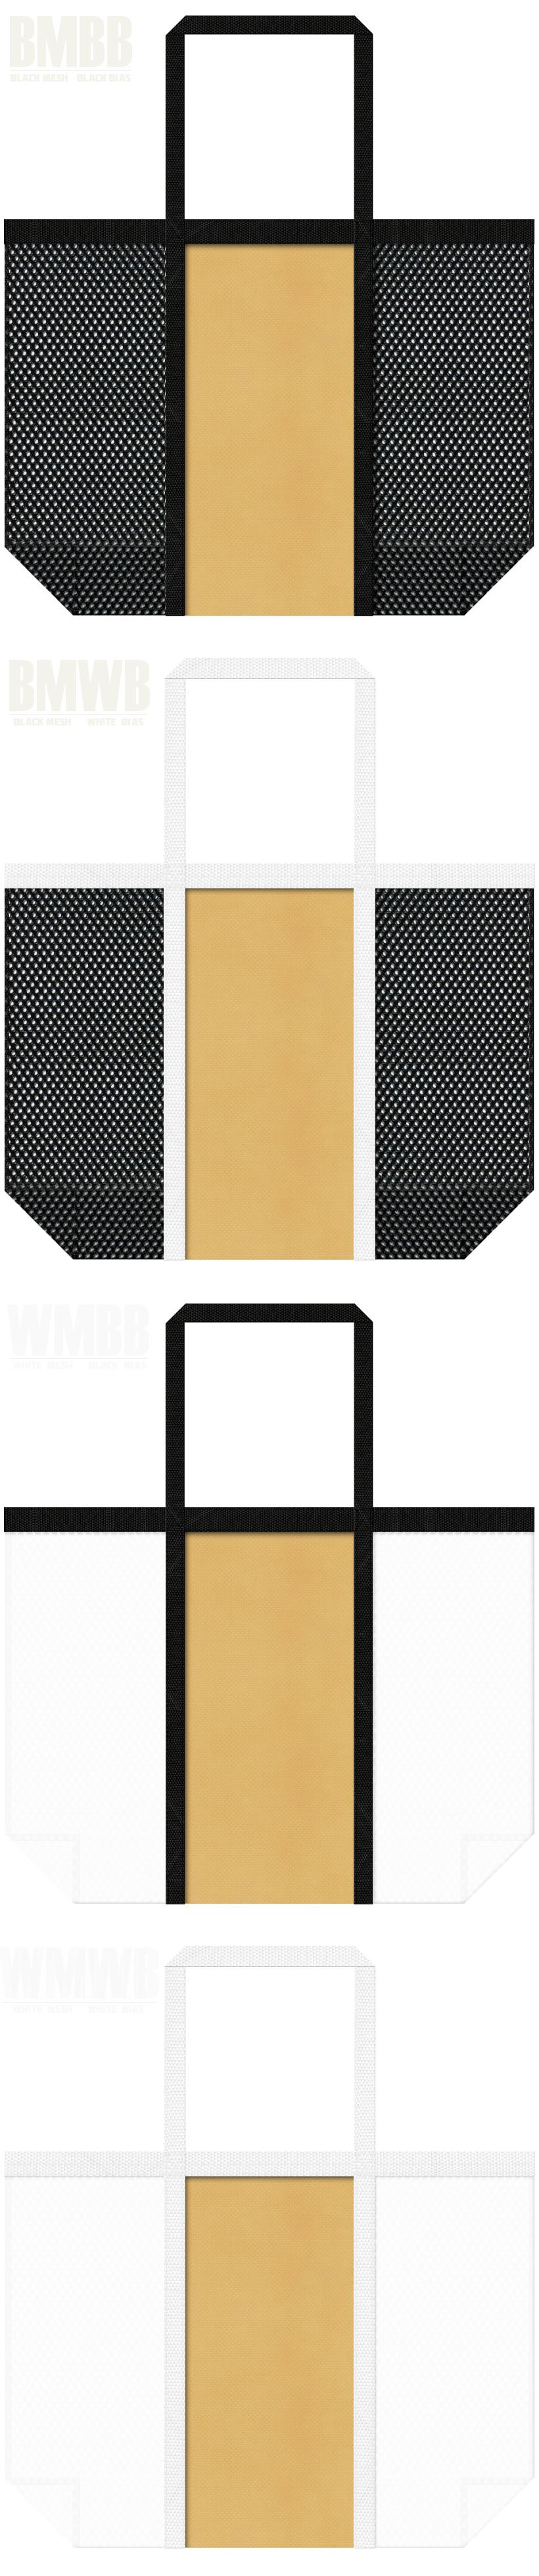 台形型メッシュバッグのカラーシミュレーション:黒色・白色メッシュと薄黄土色不織布の組み合わせ